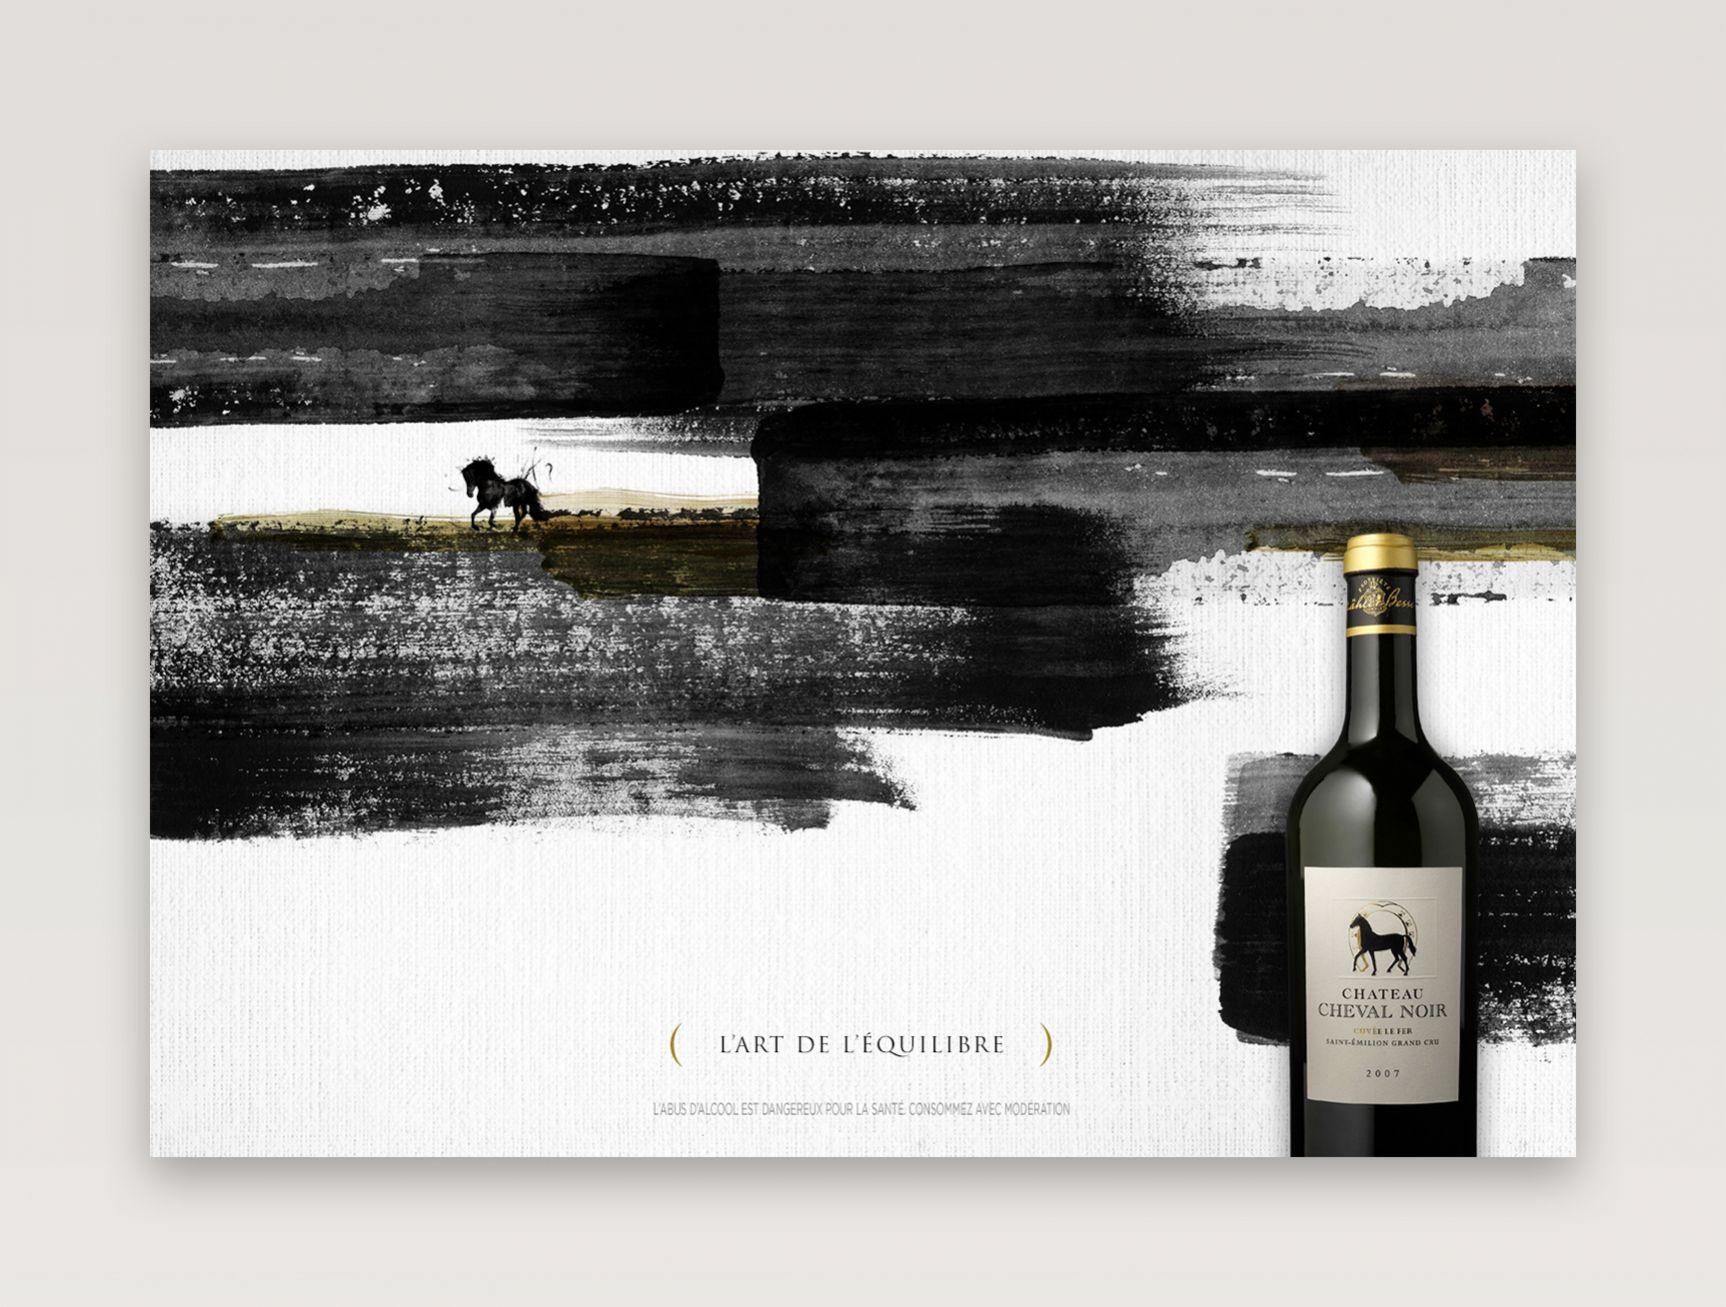 Château Cheval Noir Affiche